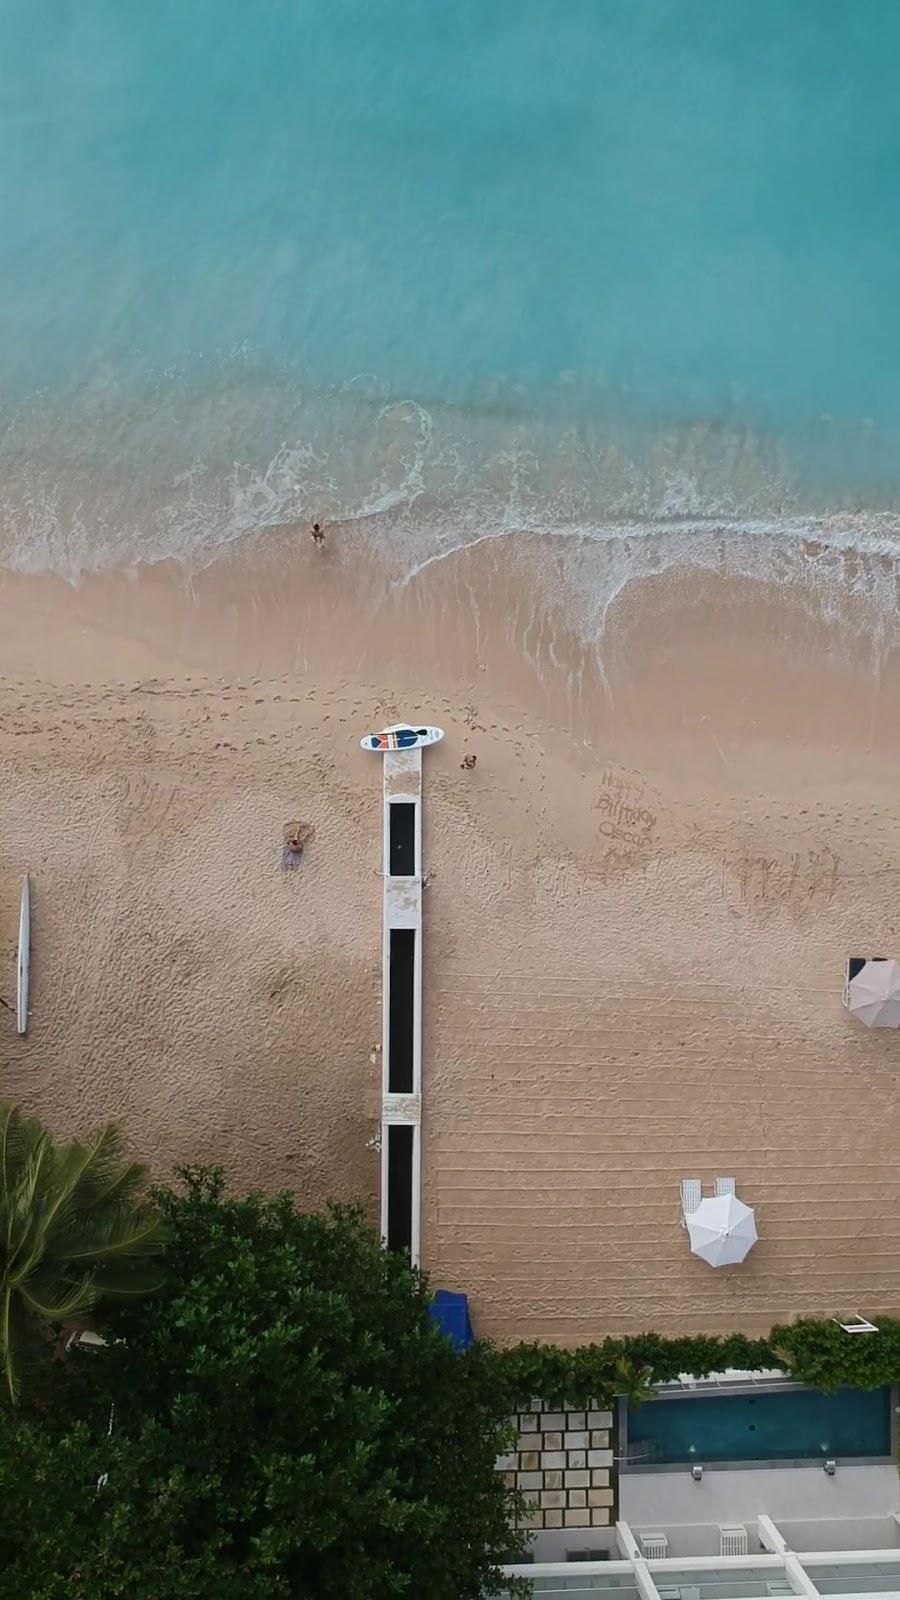 Barbados im Dezember - Nach dem Nationalfeiertag des Karibikstaates am 30. November kehrt auch hier Weihnachtsstimmung ein. Viele Kreisverkehre (auf Barbados herrscht, wie in den meisten ehemaligen britischen Kolonien, Linksverkehr) und Häuser sind mit entsprechenden Motiven und Lichterketten geschmückt. Nur wirkt das Ganze bei 25-30°C eher etwas surreal. Mit 70-80% Luftfeuchte fühlen sich diese Temperaturen auch zunächst sehr drückend an. 2018 kam ich mit beginnender Erkältung aus dem kalten Europa an. Normalerweise bekomme ich das nur mit häufigem Inhalieren und Nasenduschen überstanden. Durch die schön feuchte Luft und der großen Nasendusche namens Golf von Mexiko, war der auf die Halsschmerzen folgende Schnupfen aber kein Problem.Wenn es auf der Insel regnet, dann eher nur ein bis zwei Stunden und angezeigte Regentage in der Smartphone App enden meistens mit einem sonnigen Nachmittag am Strand. Neben zahlreichen zum Baden und Schnorcheln einladenden Stränden an der Ostküste, wo auch wir unser Haus direkt am Strand gemietet haben, bietet die Insel mit der eher schroffen Westküste eine gute Abwechslung zum Pauschaltourismus. An unseren ersten Tagen auf der Insel haben wir diese entsprechend mit der Drohne erkundet.